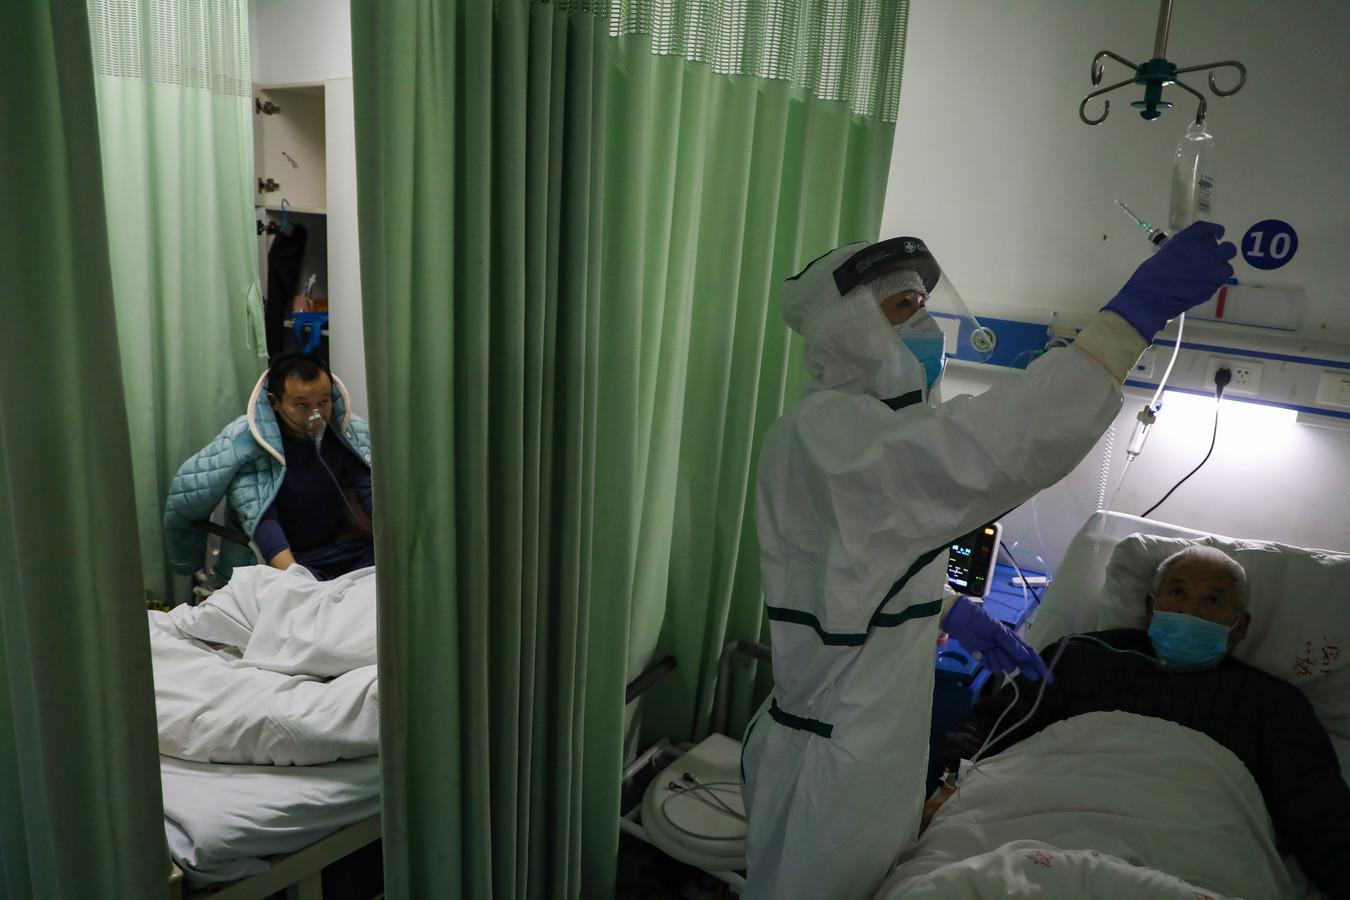 Des patients soignés dans un hôpital à Wuhan.